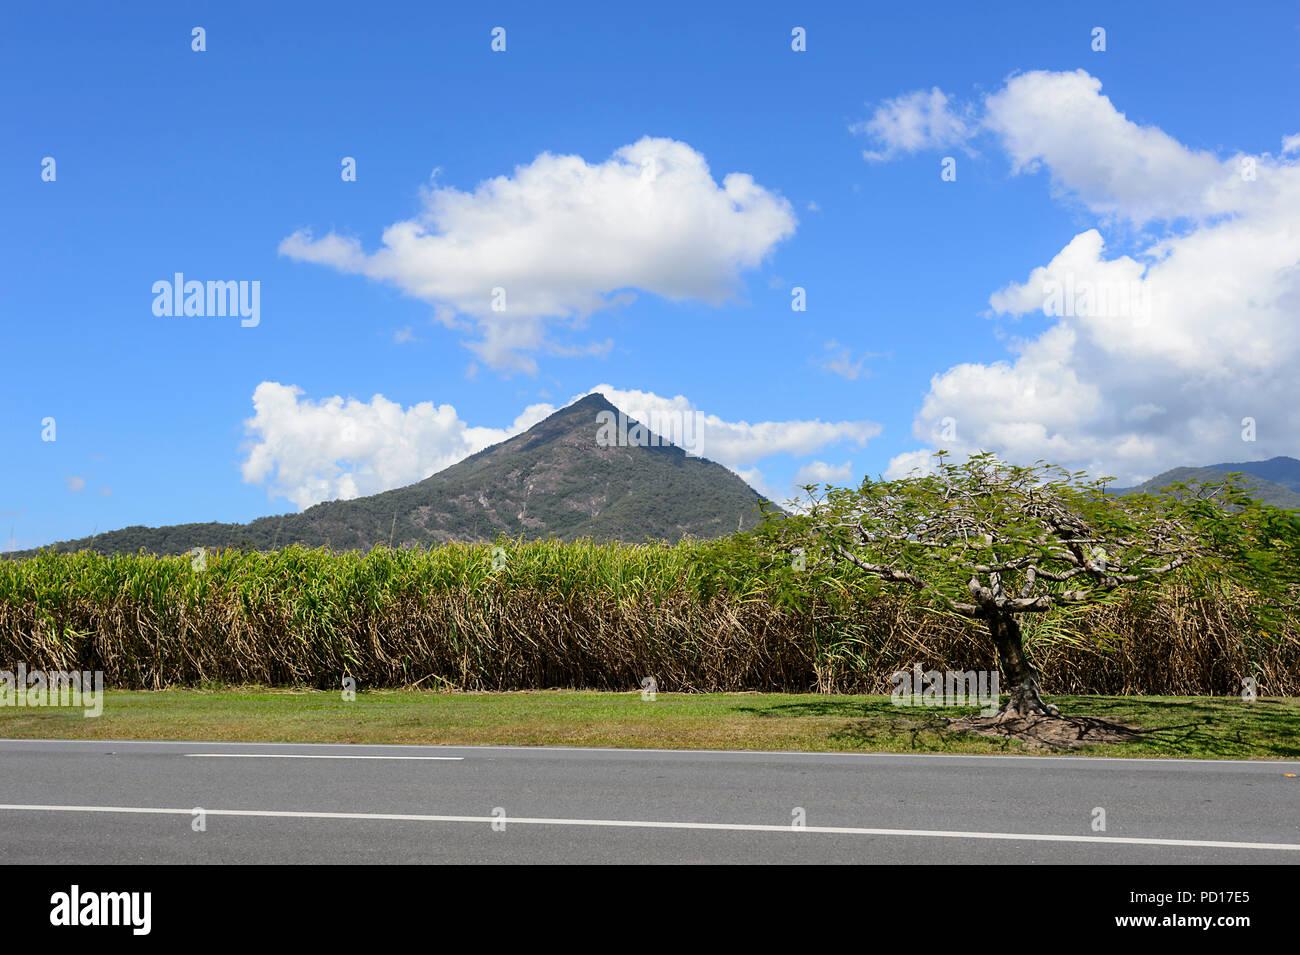 Cosecha de caña de azúcar en el frente de la pirámide de Walsh, Gordonvale, Far North Queensland, FNQ, Queensland, Australia Imagen De Stock